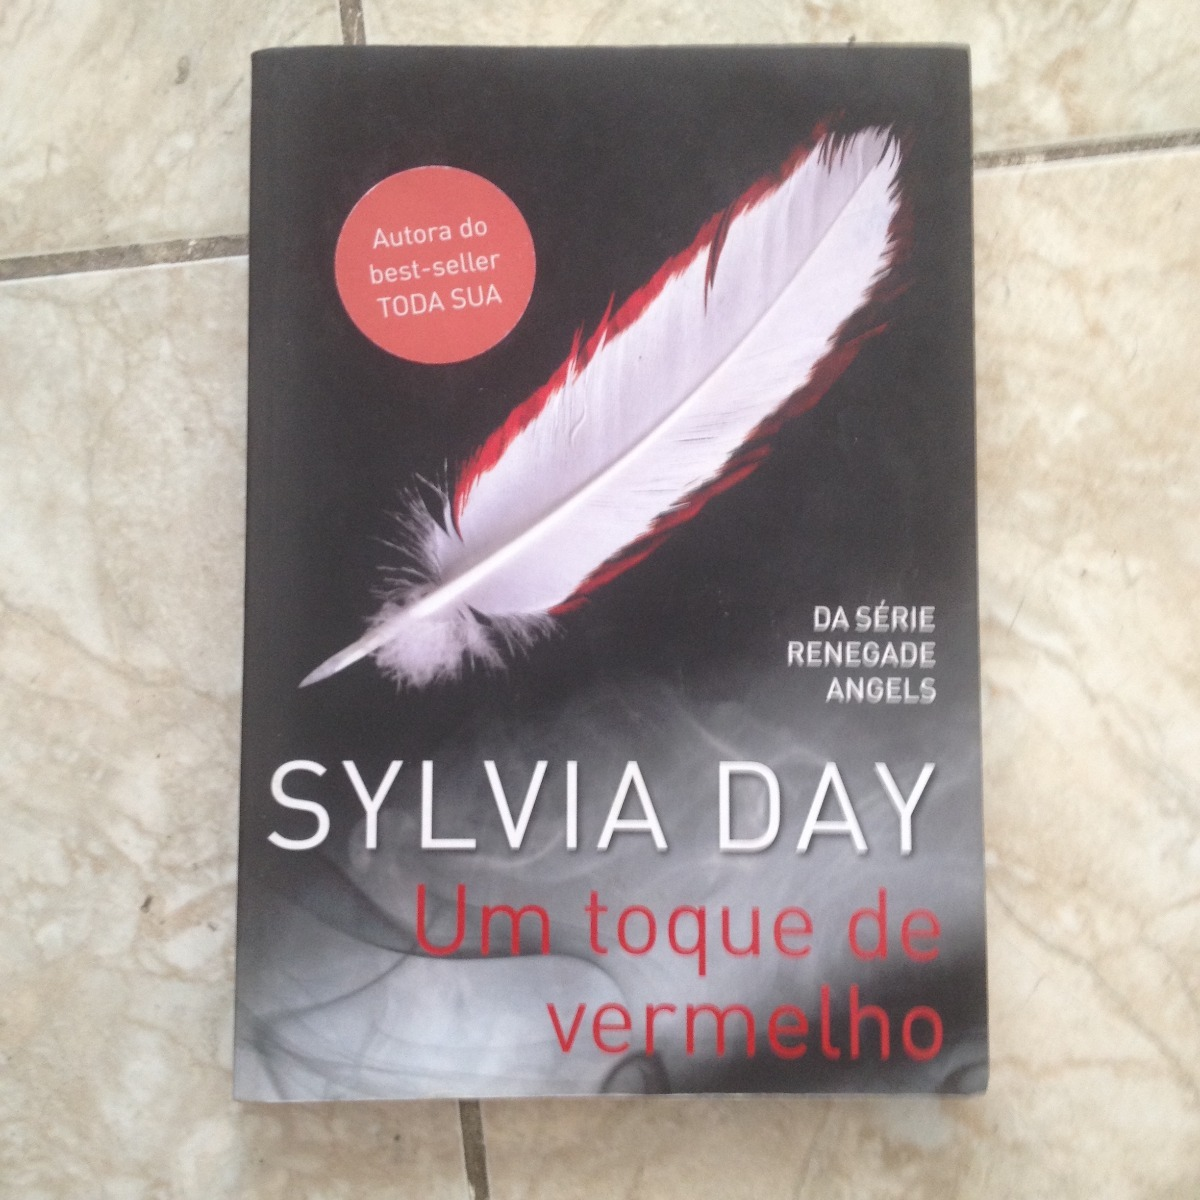 TODA GRATUITO SYLVIA DOWNLOAD PDF DAY LIVRO EM SUA